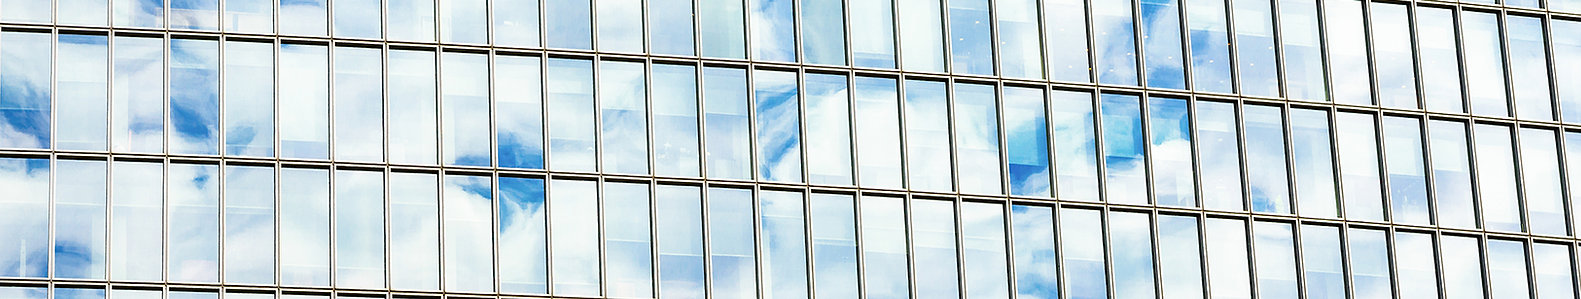 ремонт окна ПВХ пластик, окна алюминий, окна дервянные, окна алюмо-дерево, зимние сады, Schuco Шуко